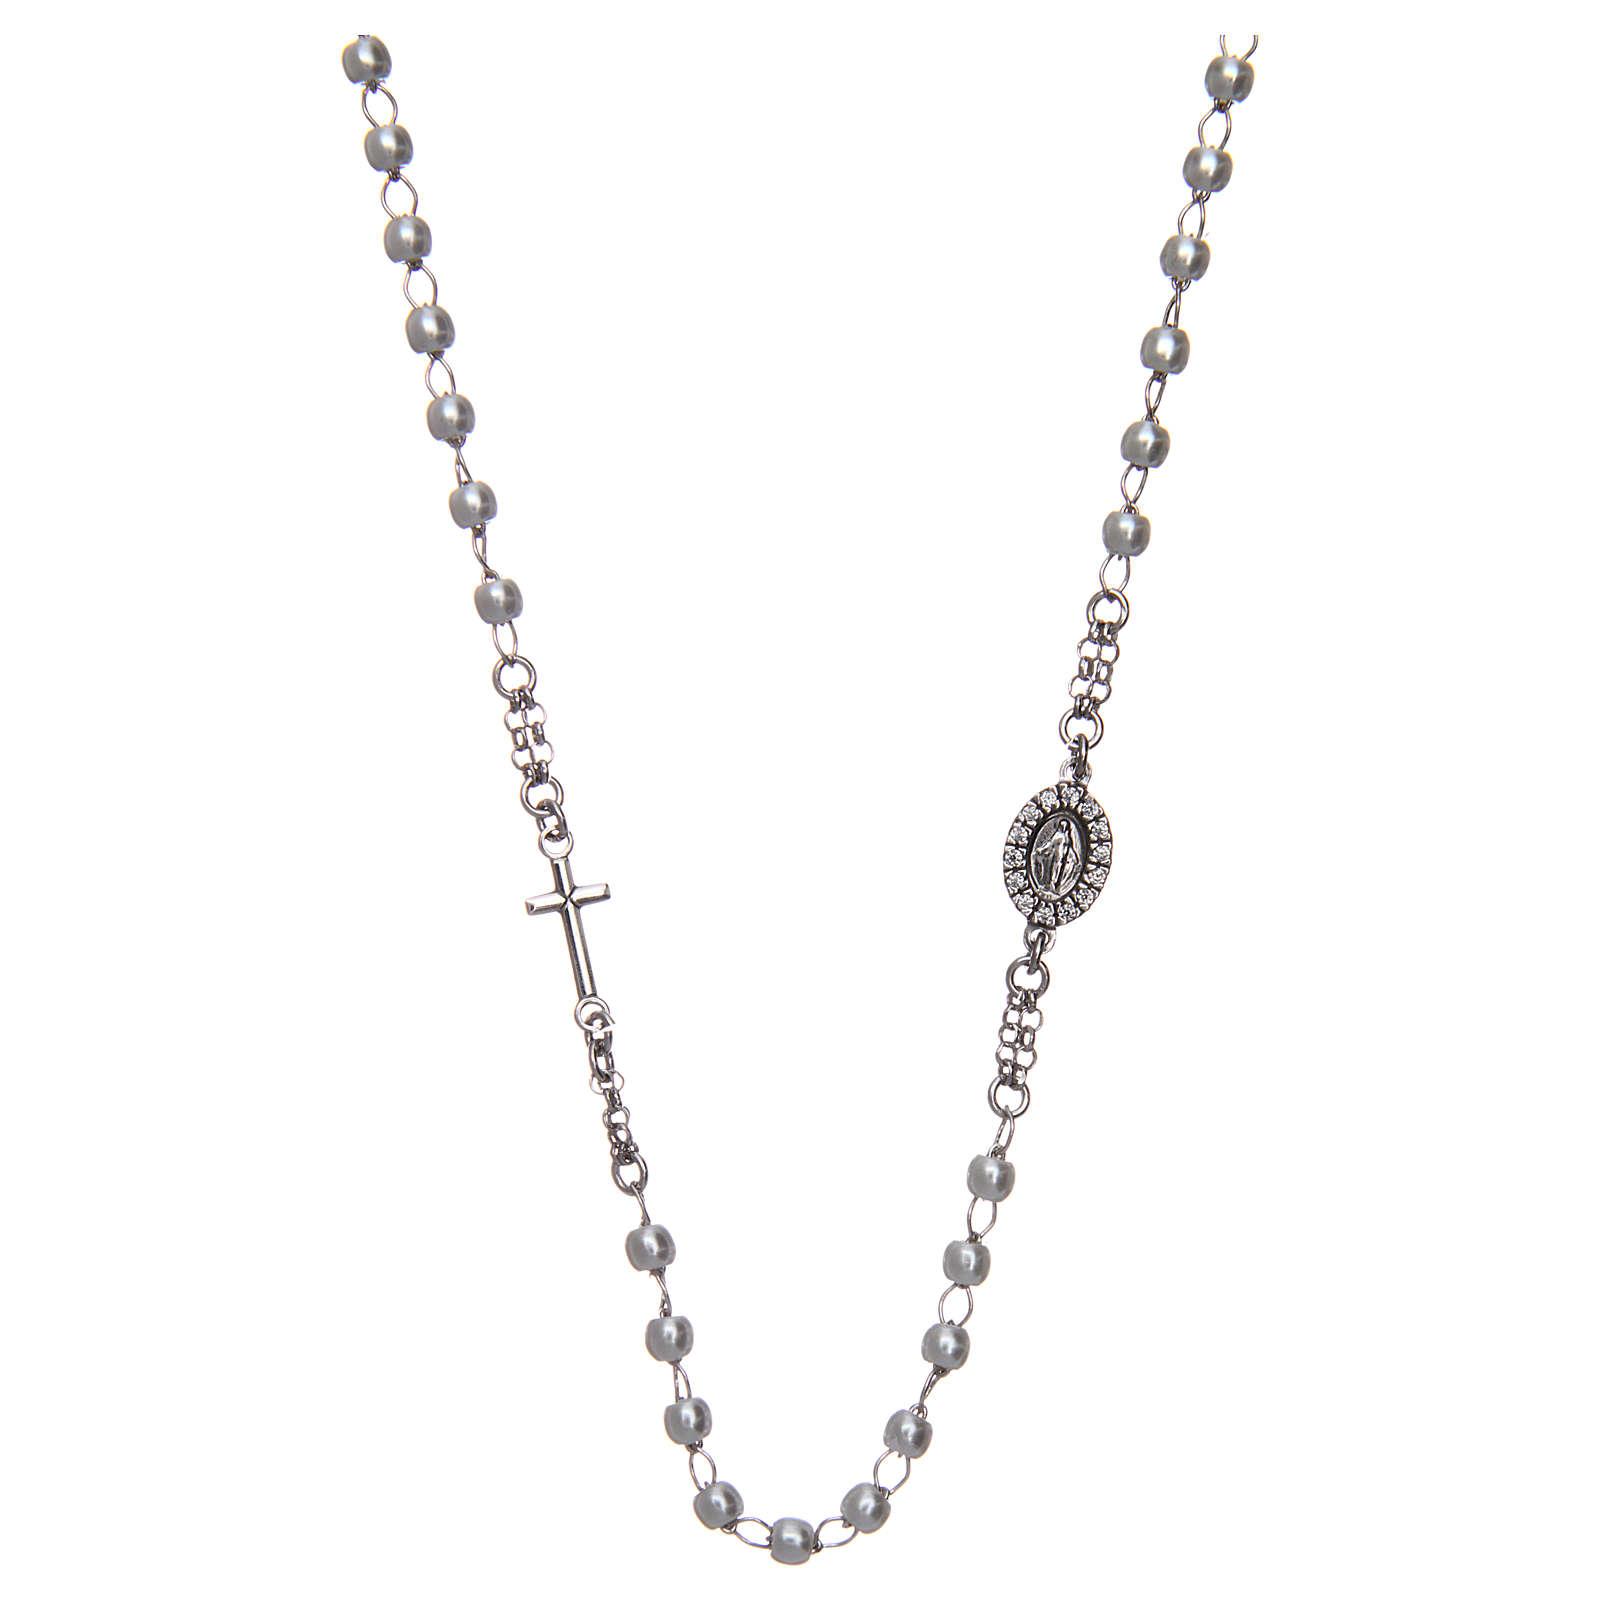 Collier chapelet tour du cou AMEN pavé perles arg 925 rhodié 4